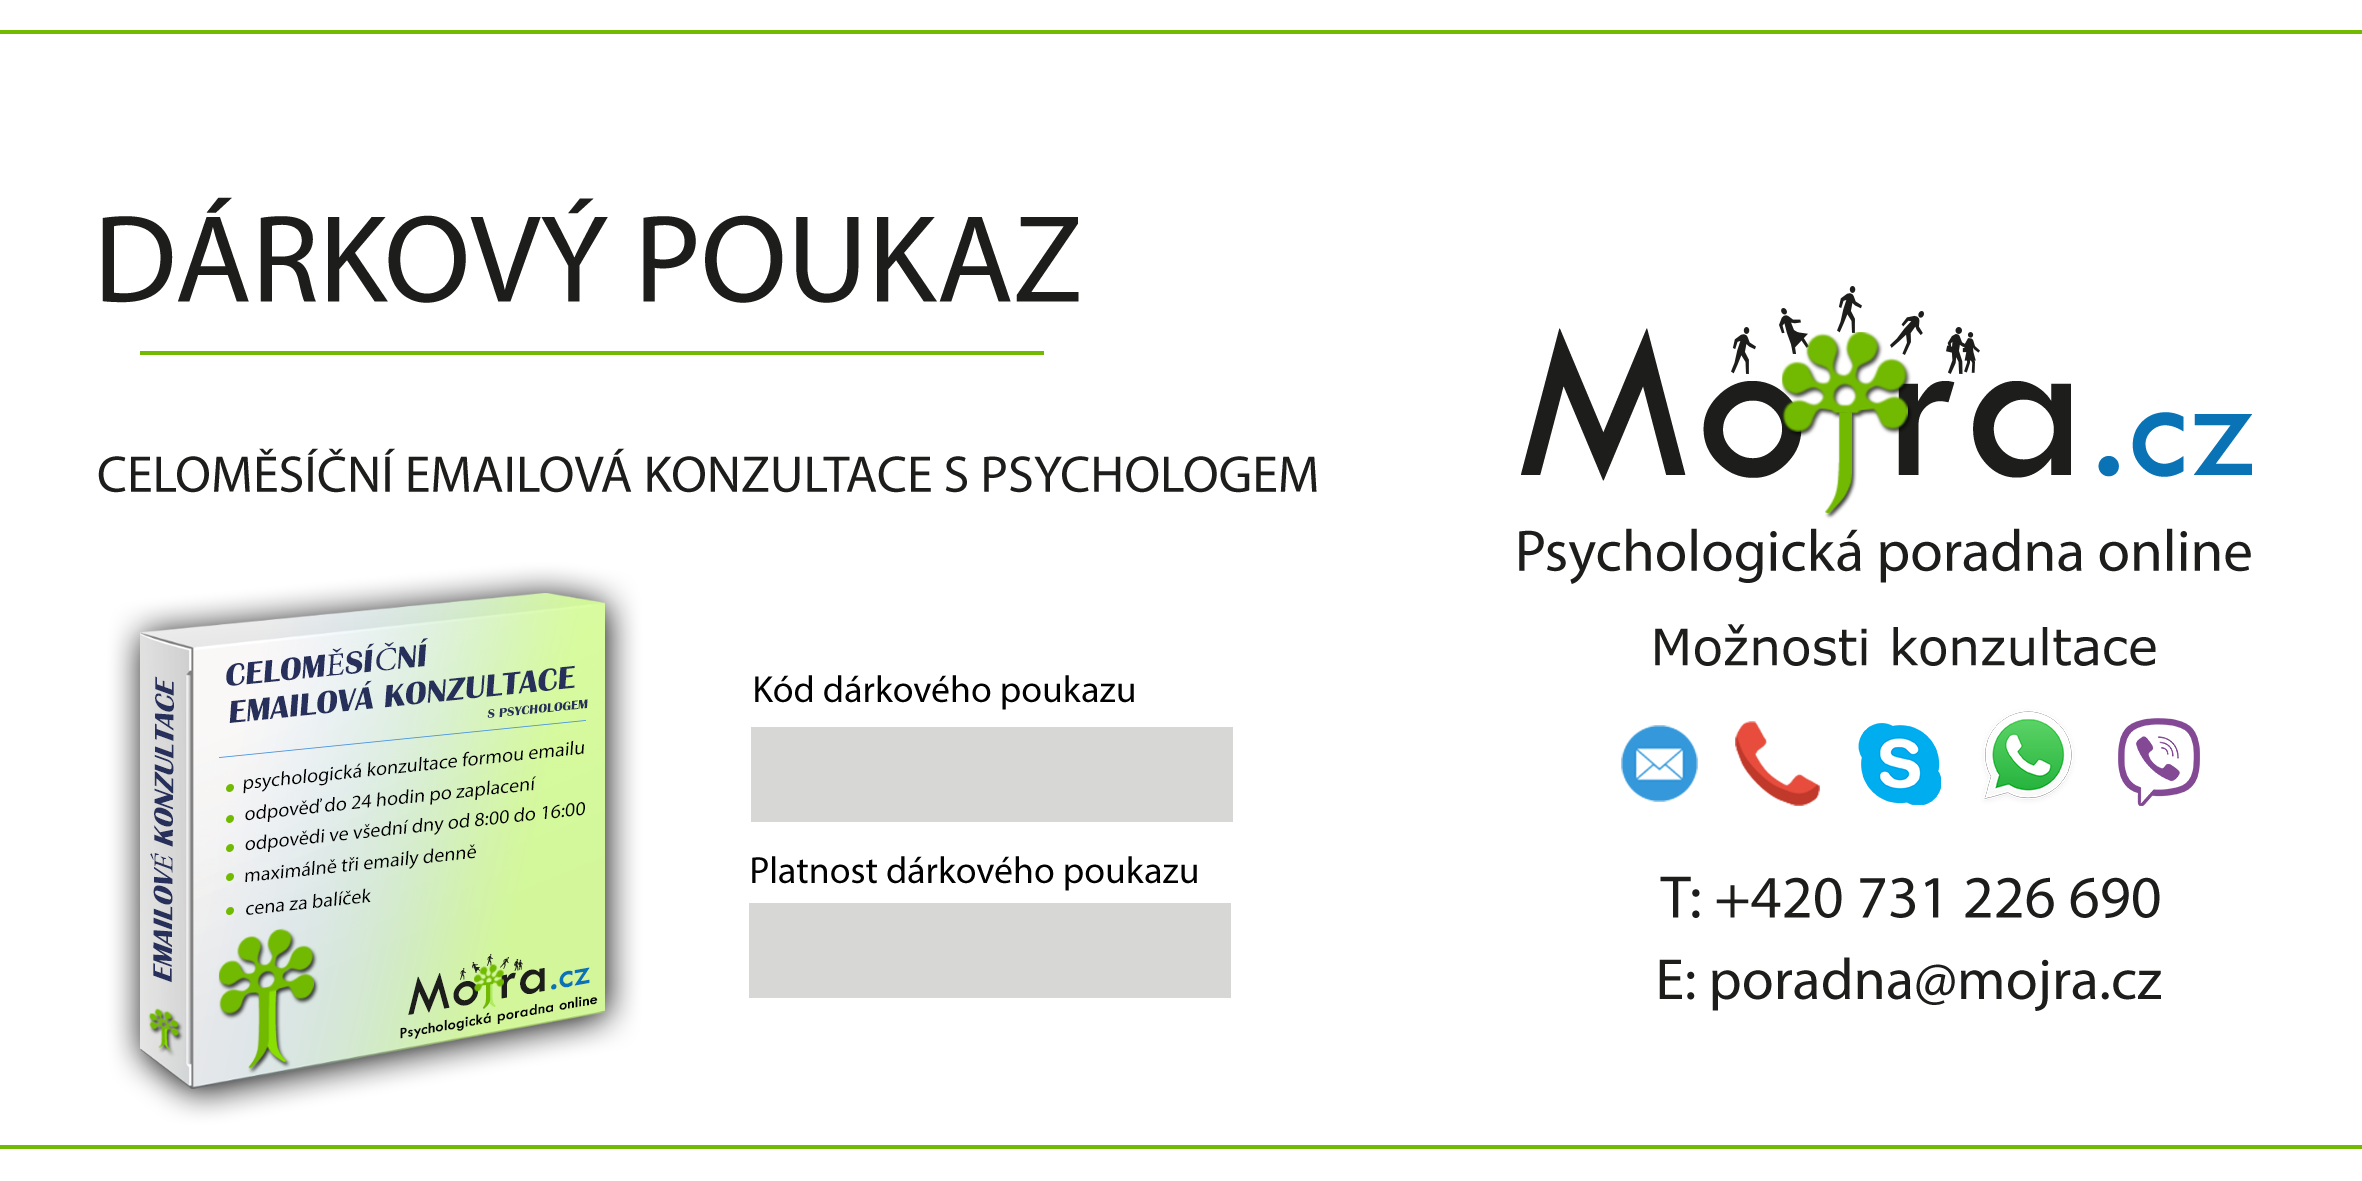 Celoměsíční komunikace s psychologem emailem